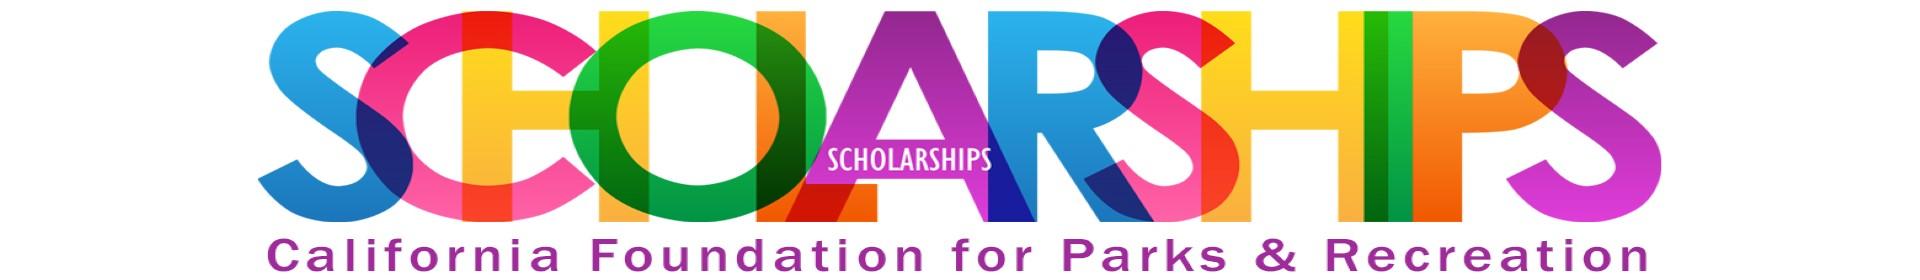 CFPR Scholarships